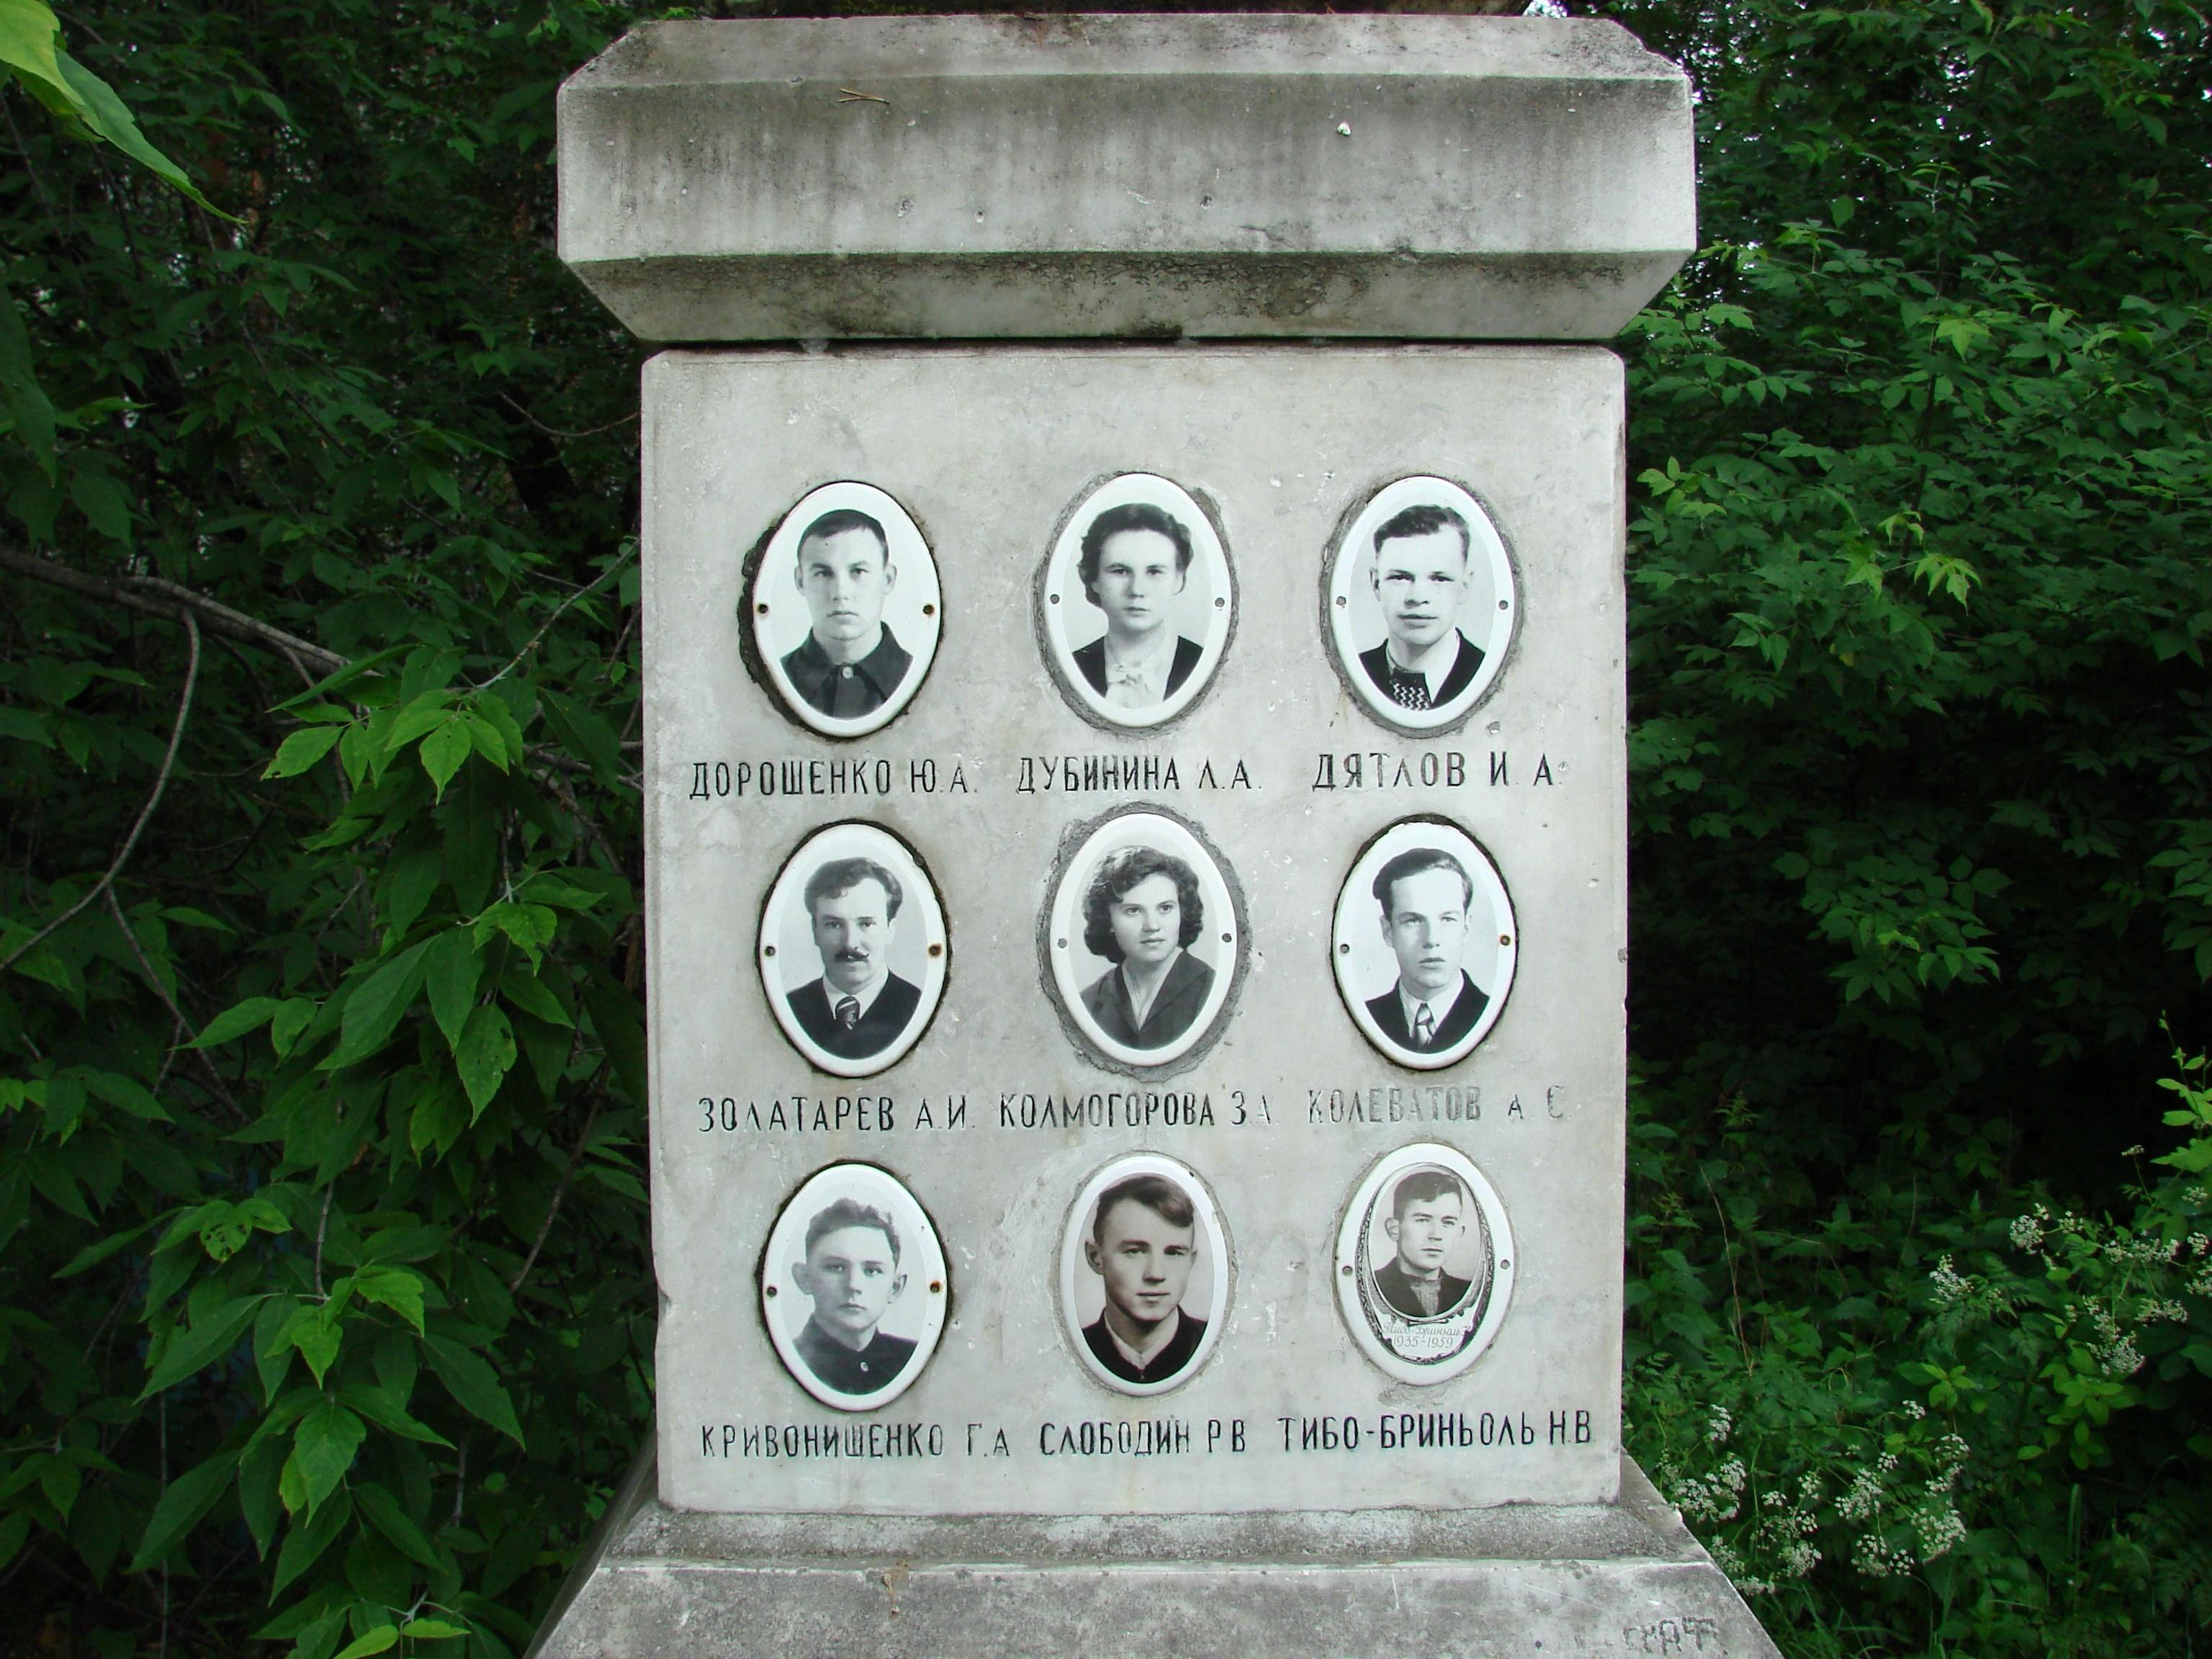 60 anni dopo il mistero del passo di Dyatlov foto delle vittime